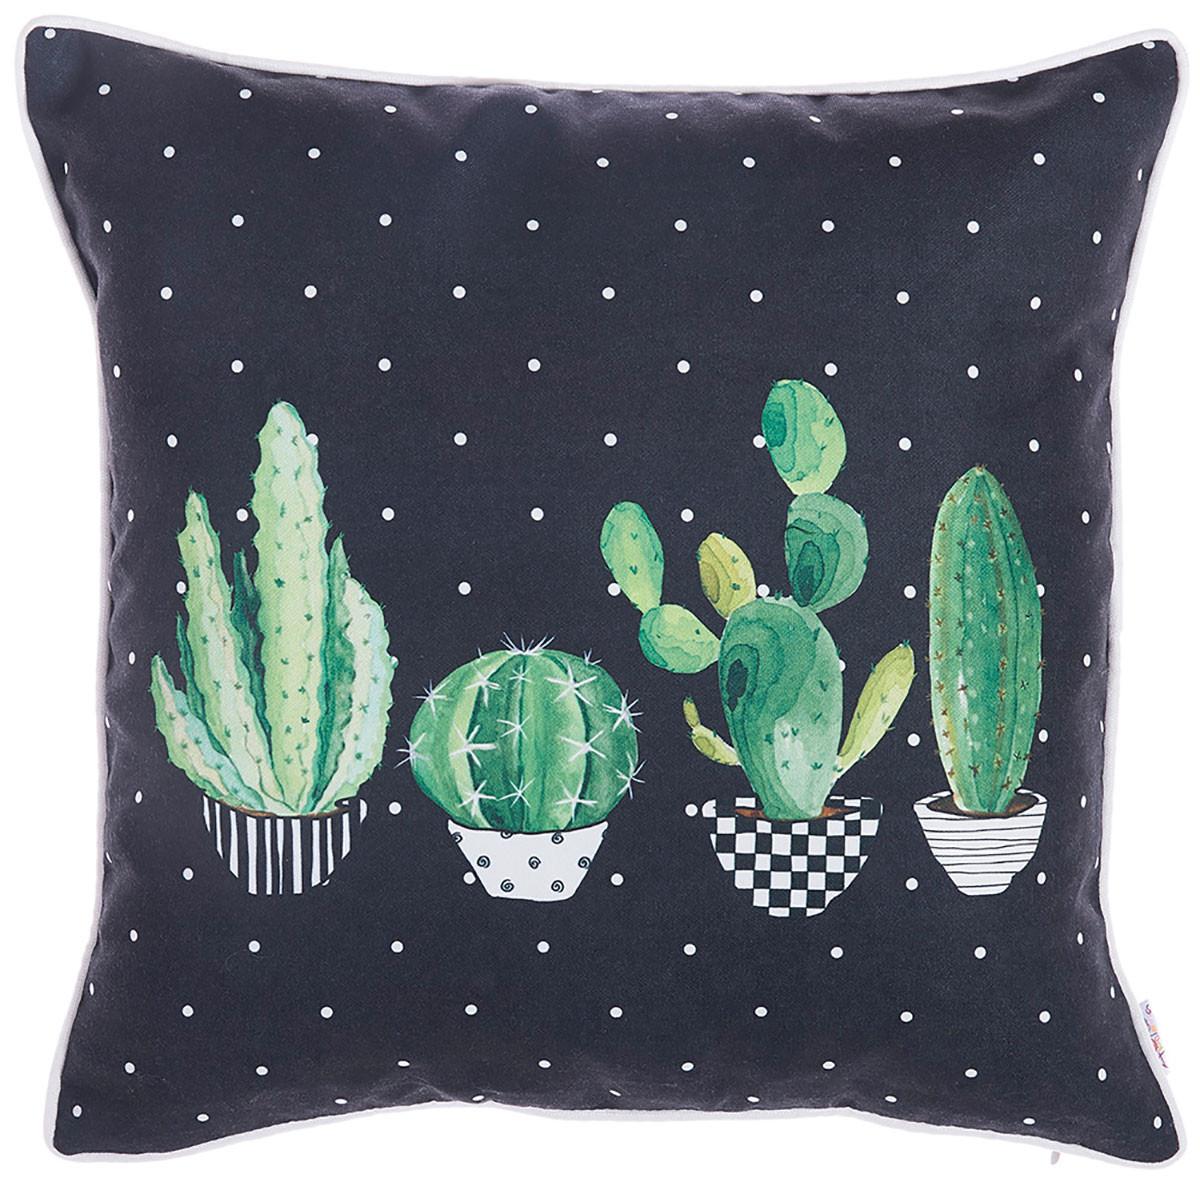 Διακοσμητική Μαξιλαροθήκη Apolena Cactus Black 702-6215/1